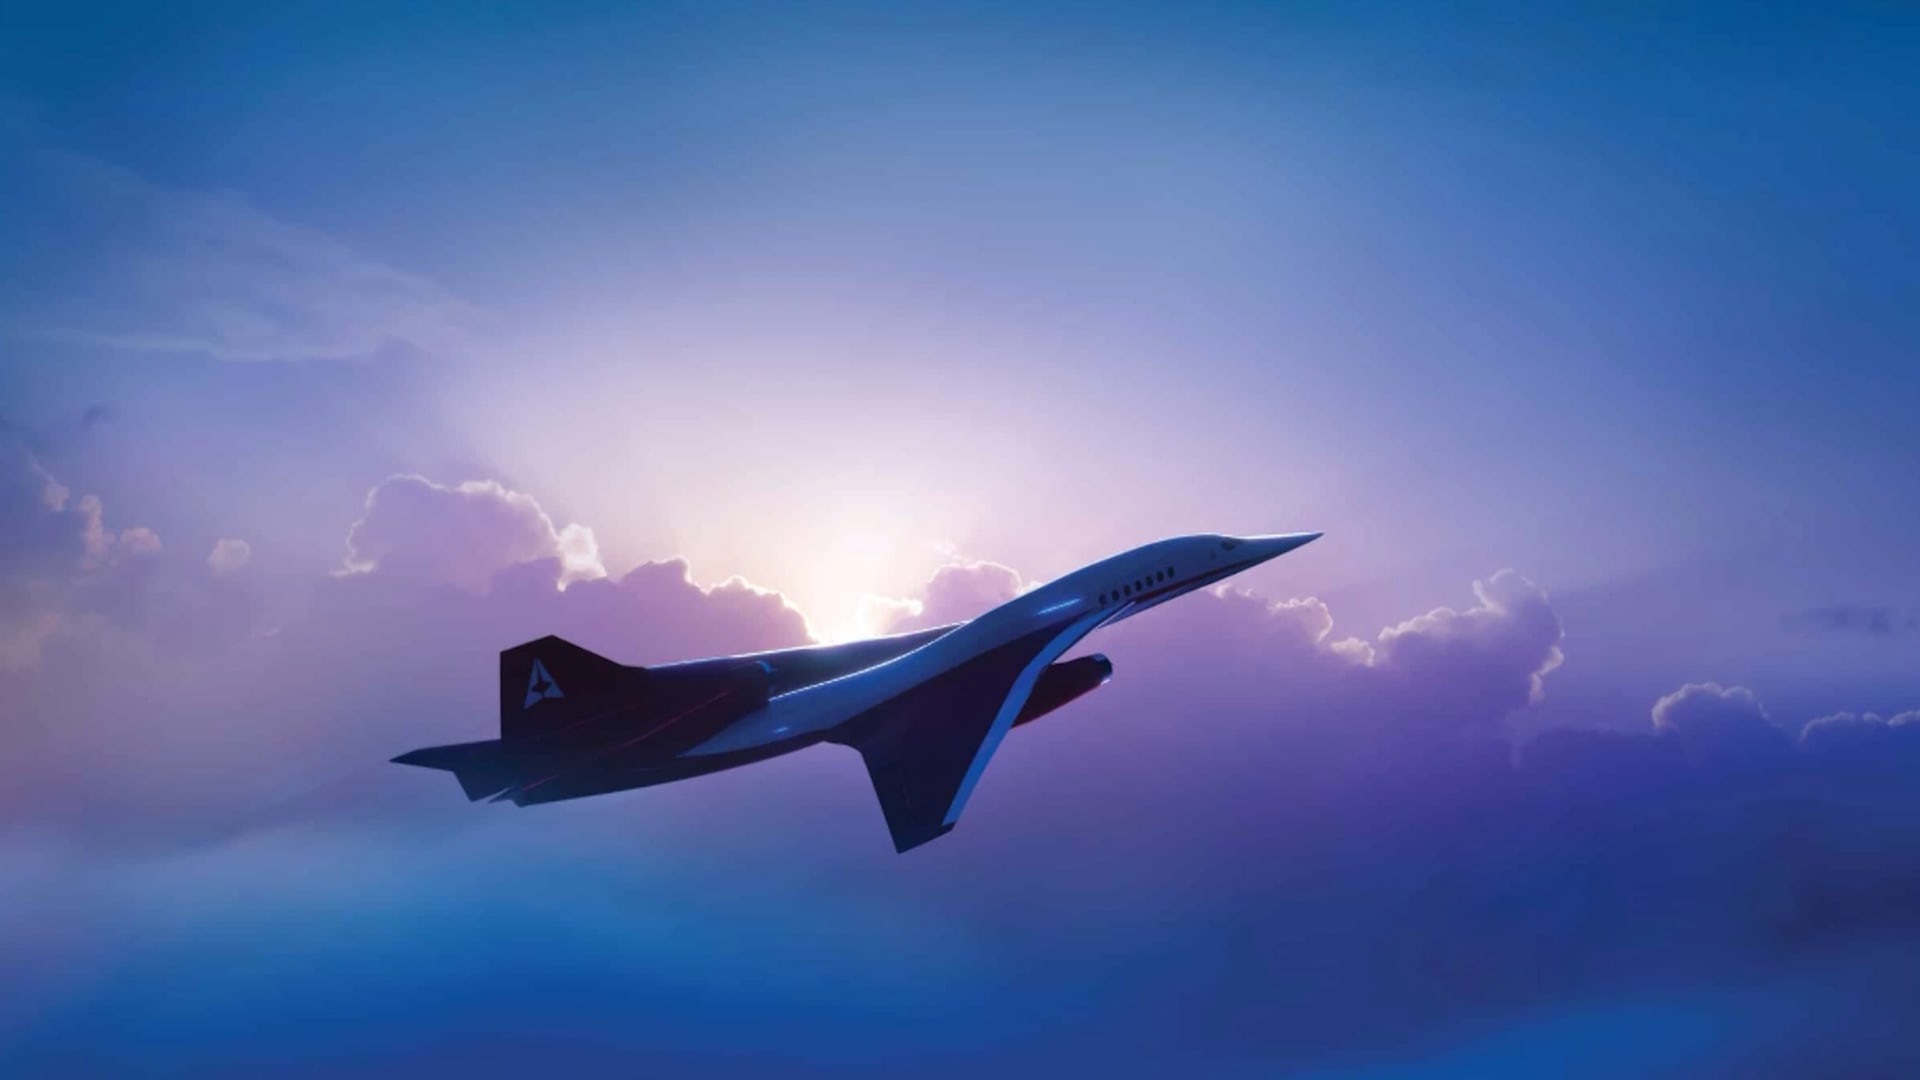 تصميم أولي لطائرة ركاب.. من اليابان إلى كاليفورنيا في 3 ساعات